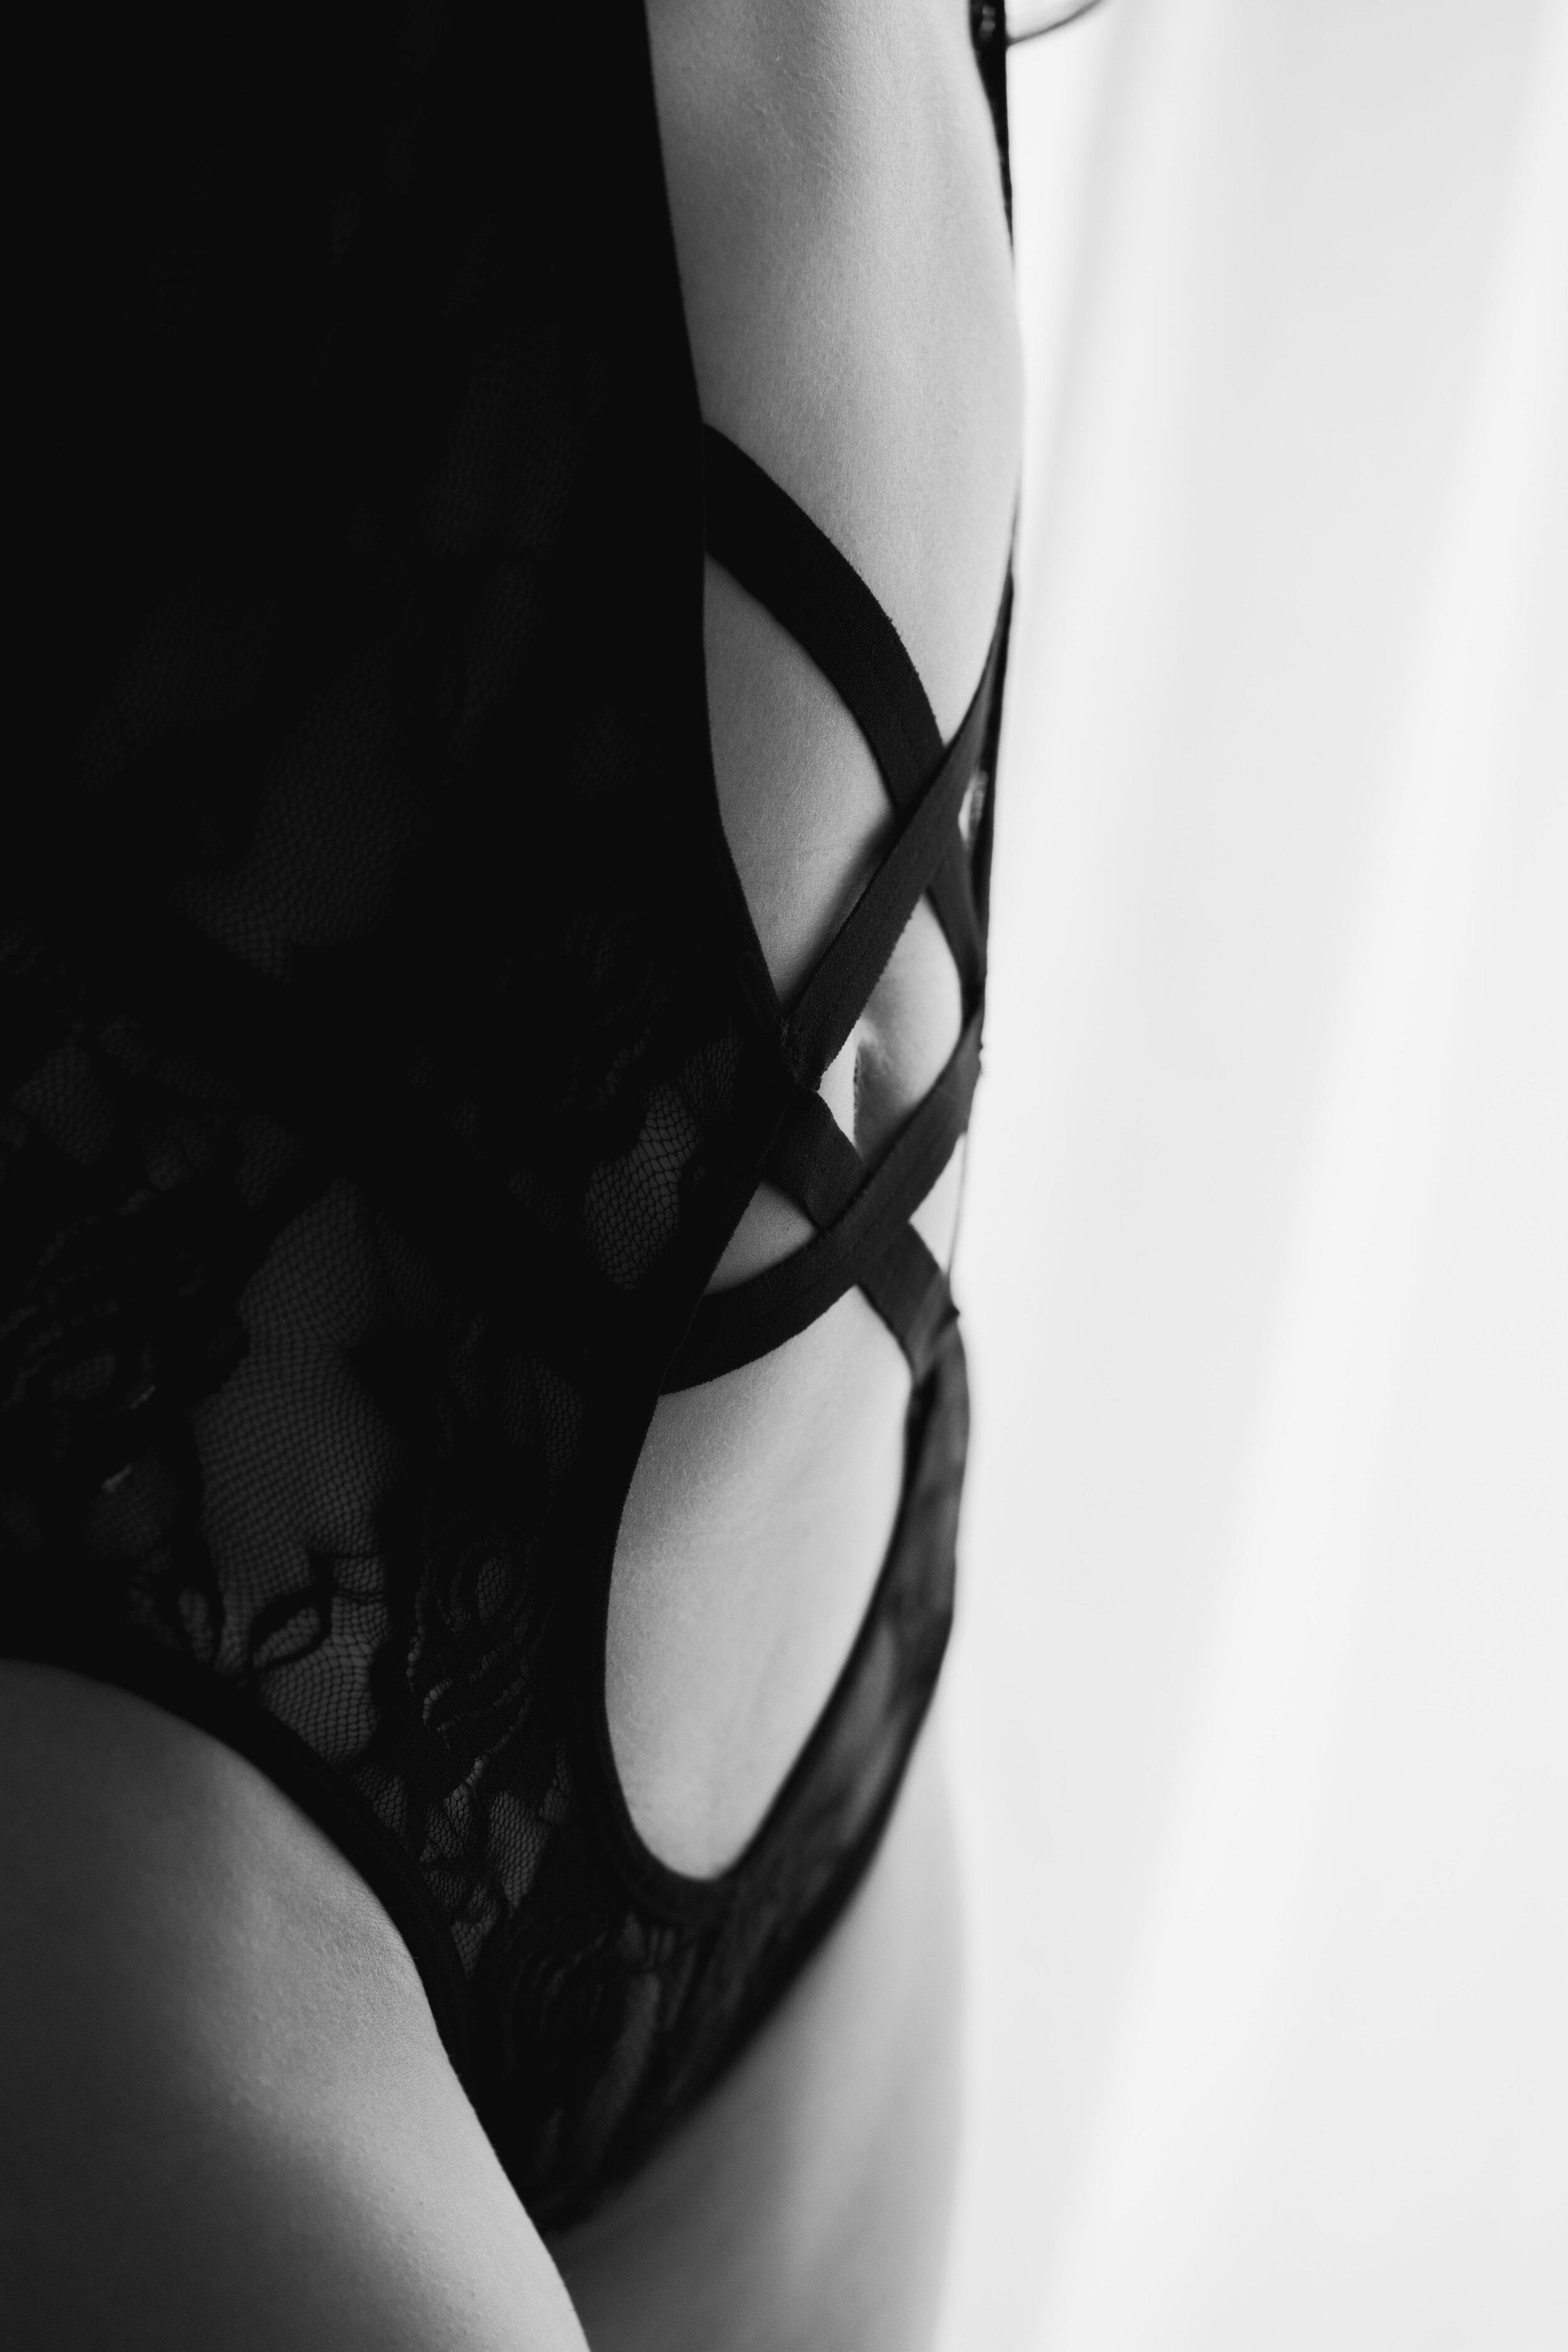 boudoir-photography-sexy-photos